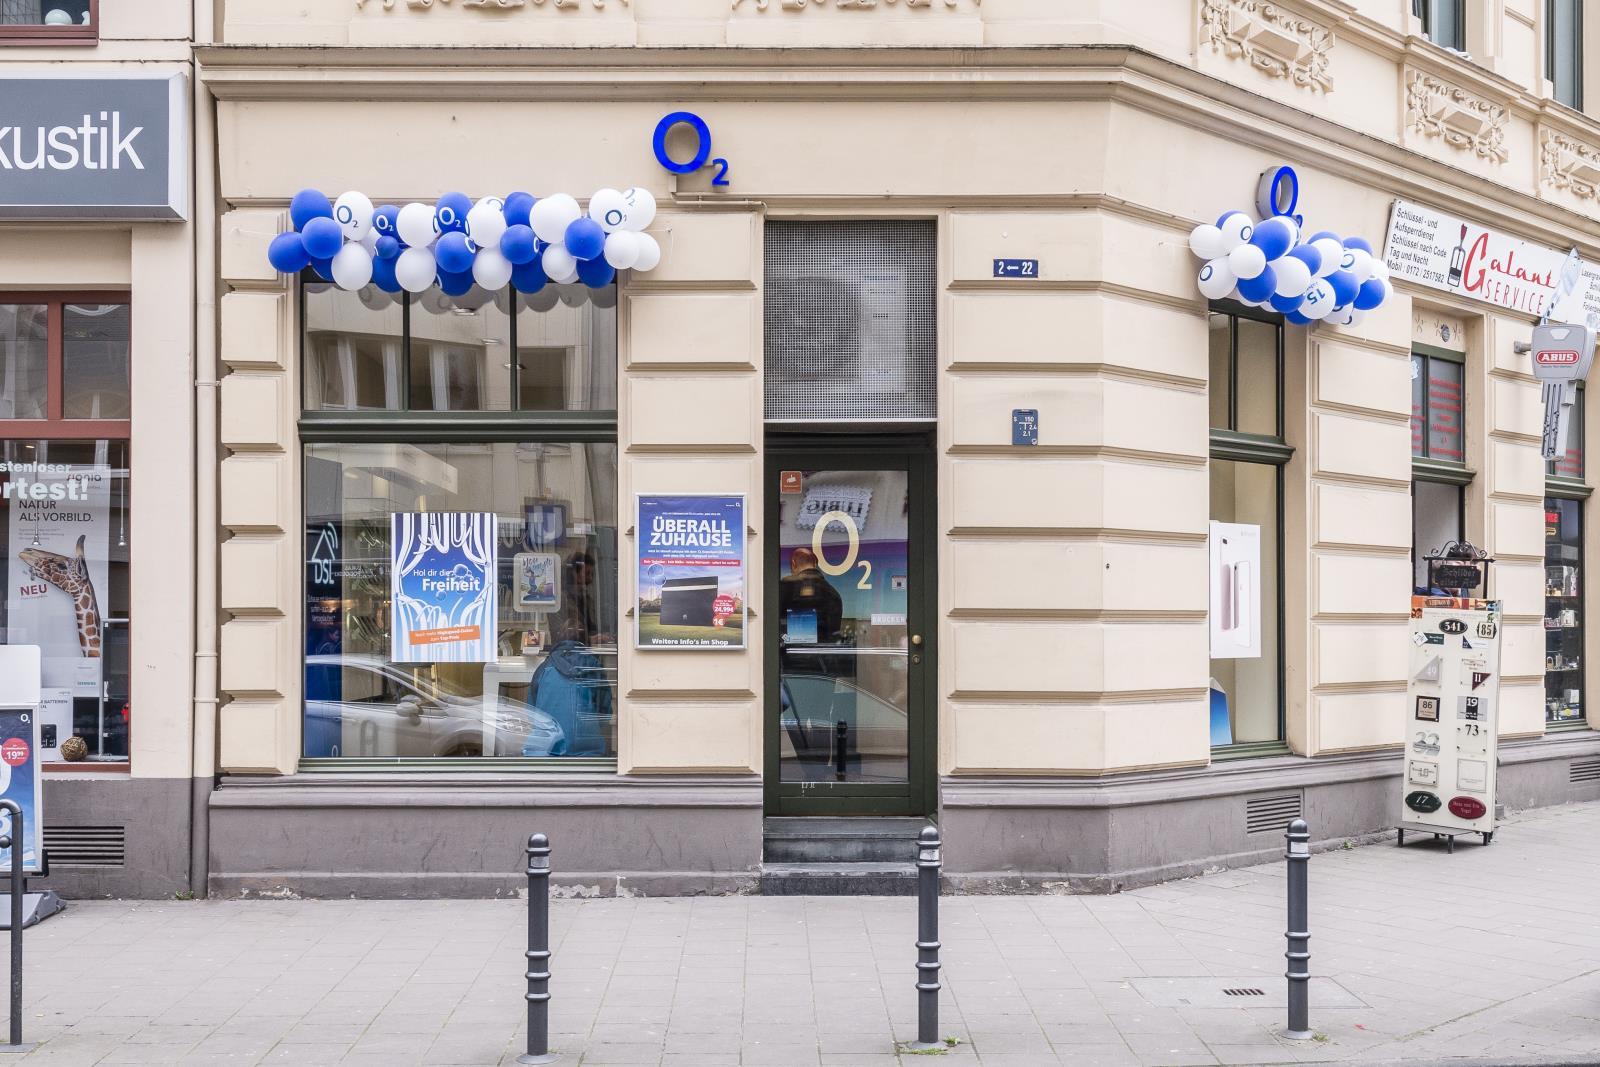 o2 Shop, Chlodwigplatz 1-3 in Köln